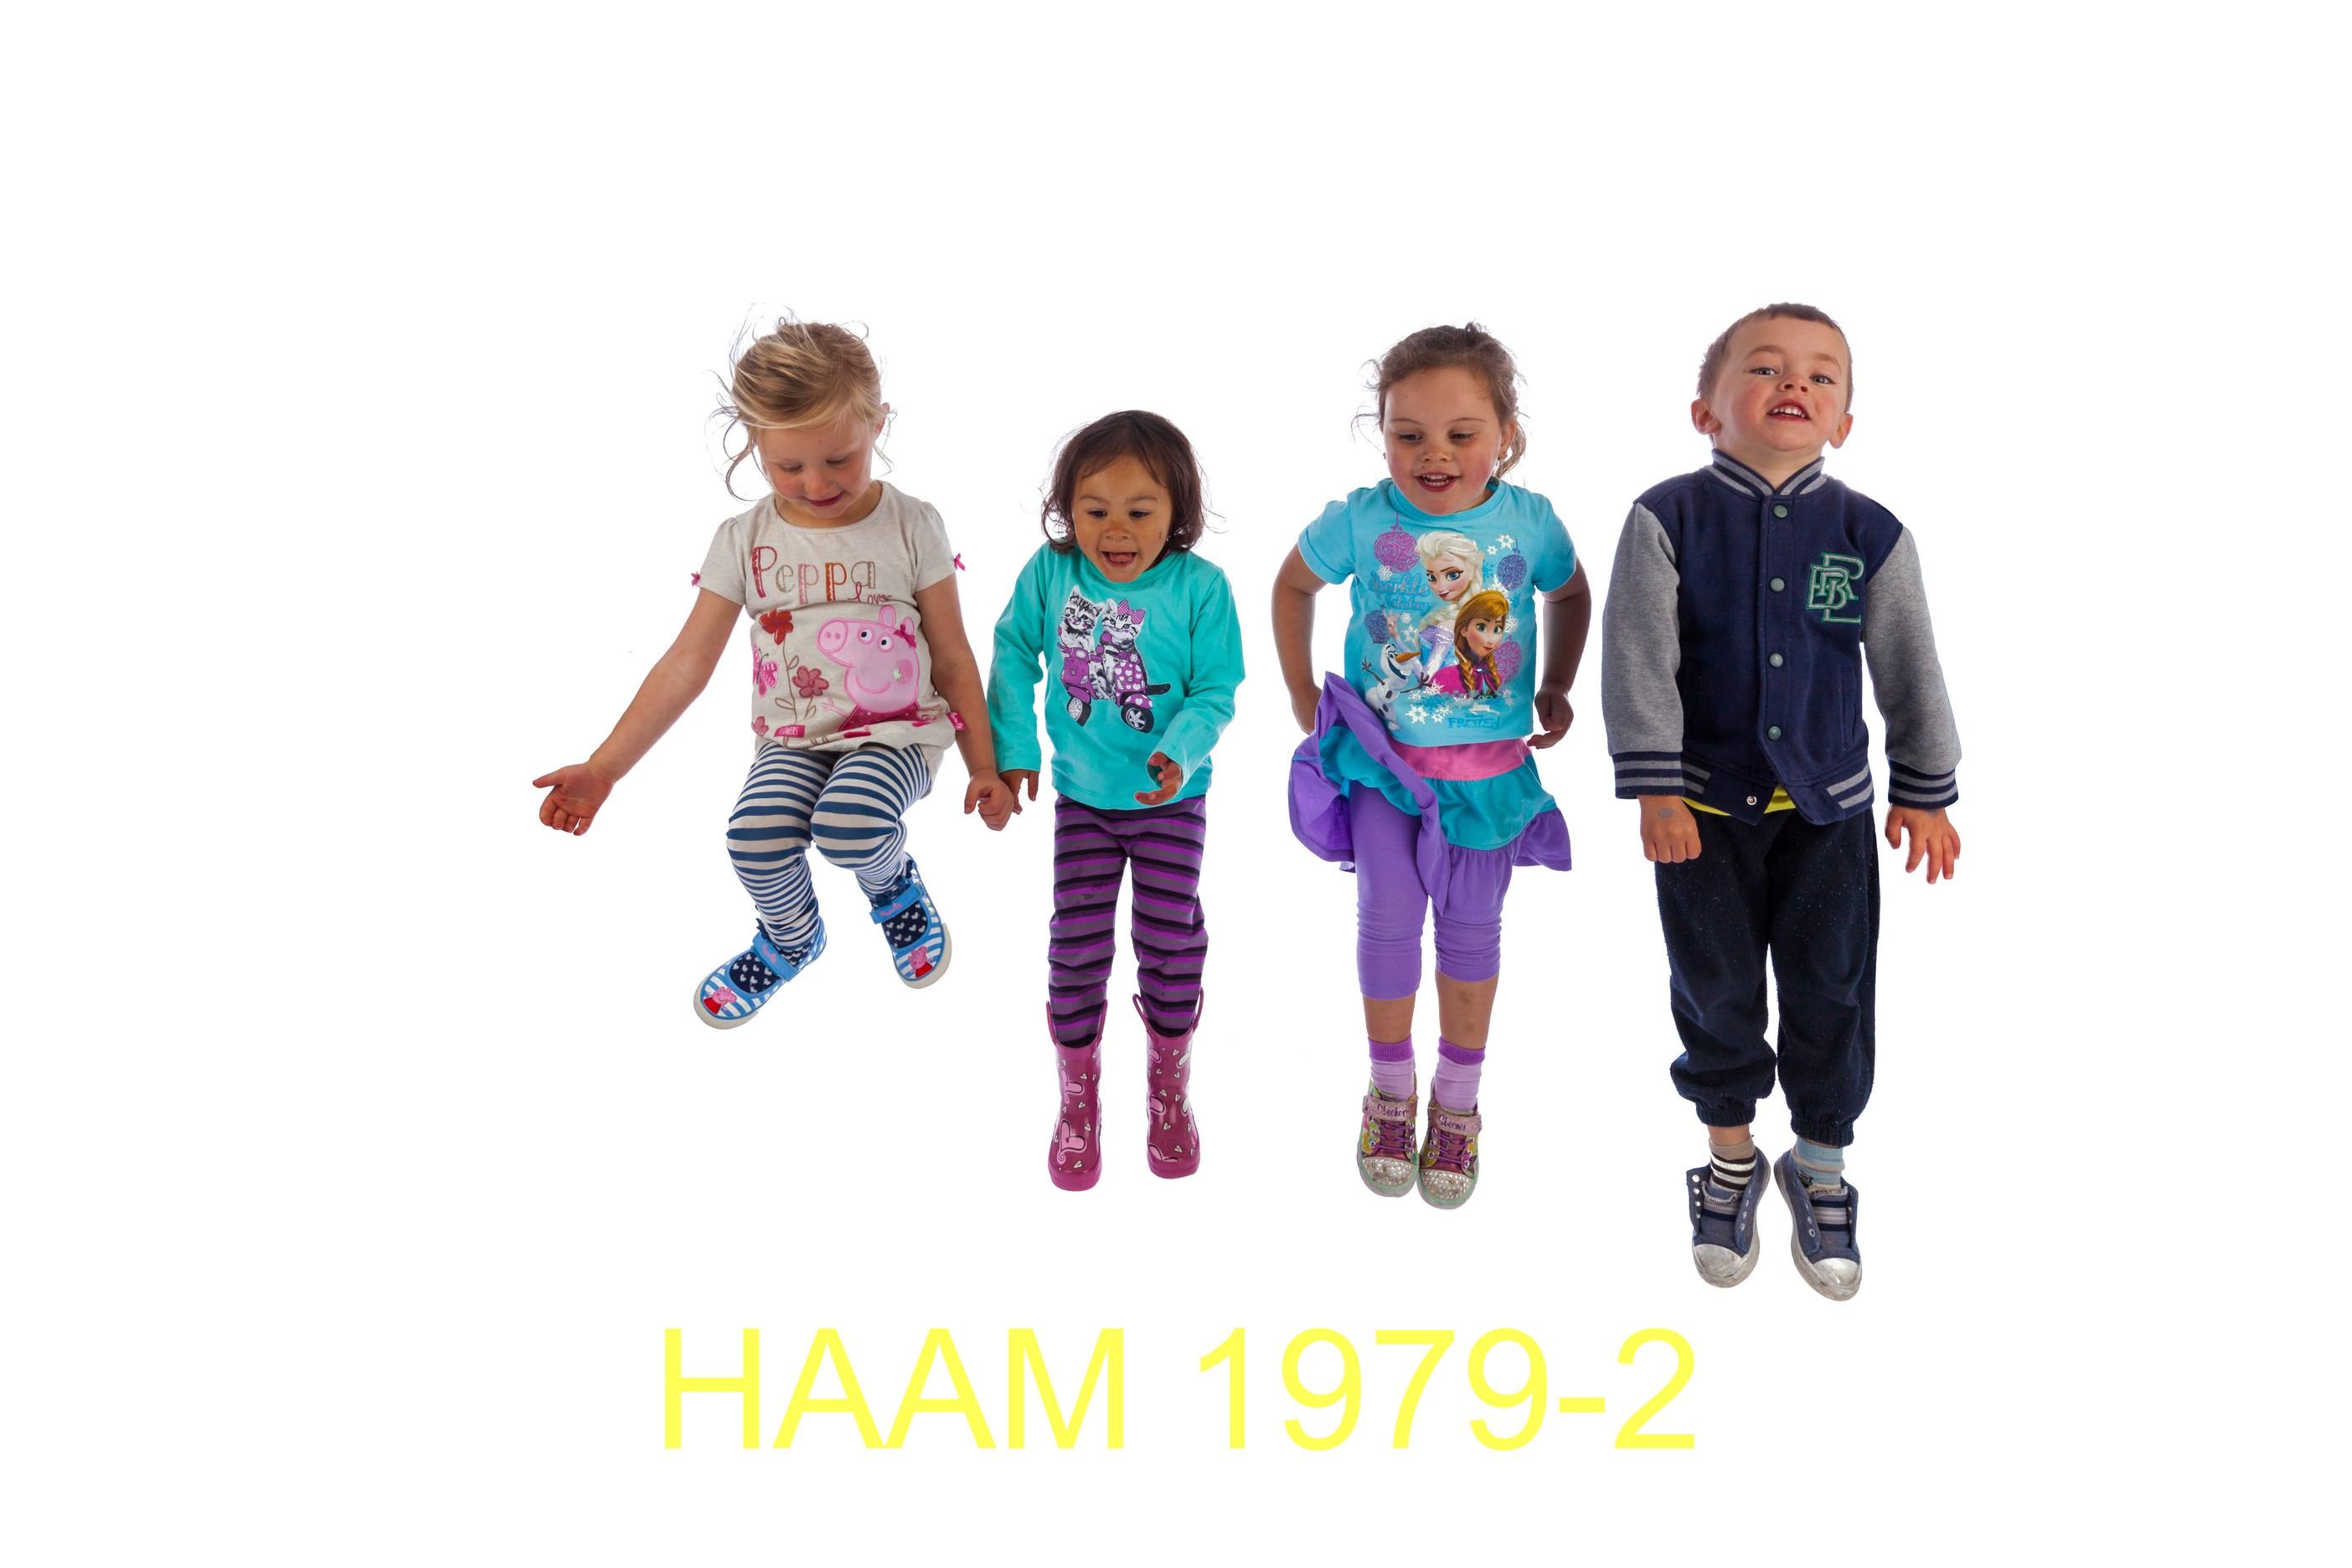 HAAM 1979-2